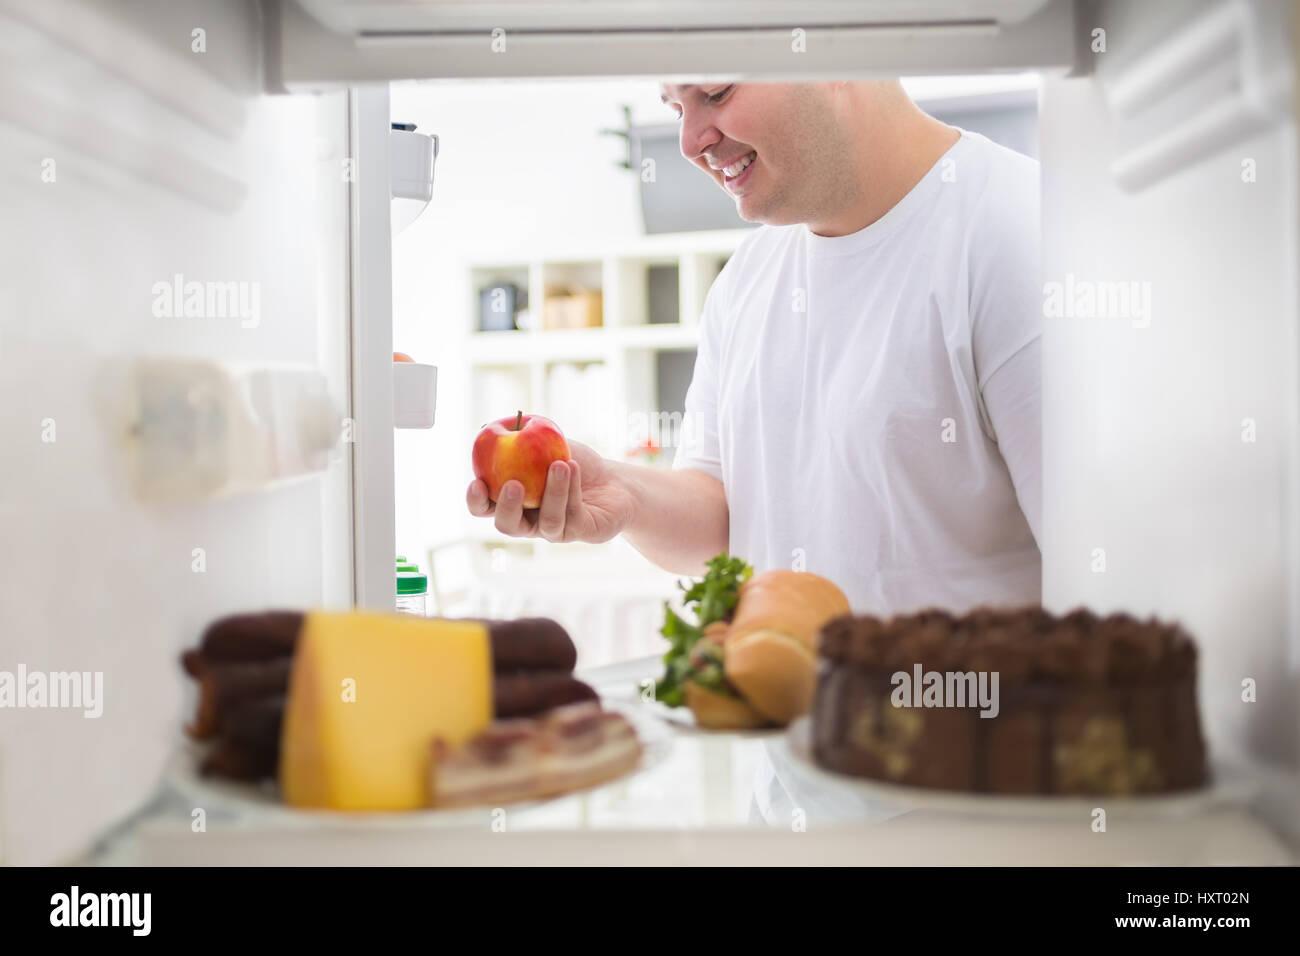 Dicker Mann auf Ernährung, richtige Wahl und Apfel aus Kühlschrank ...